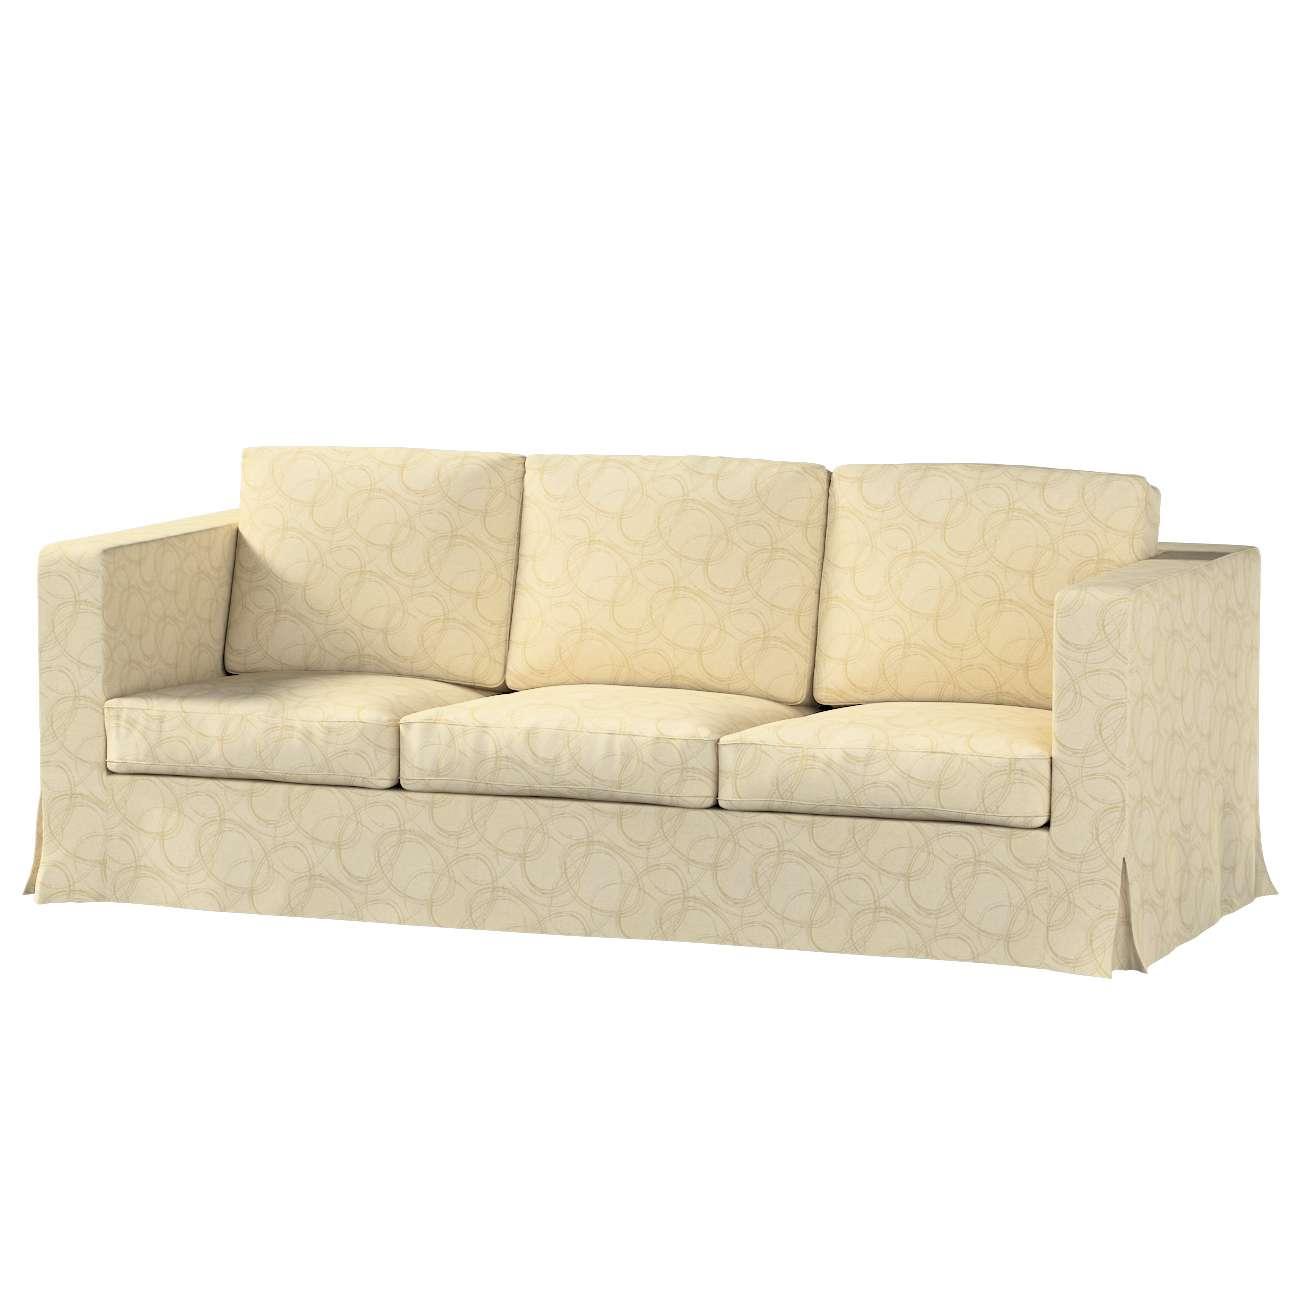 Pokrowiec na sofę Karlanda 3-osobową nierozkładaną, długi w kolekcji Living, tkanina: 161-81